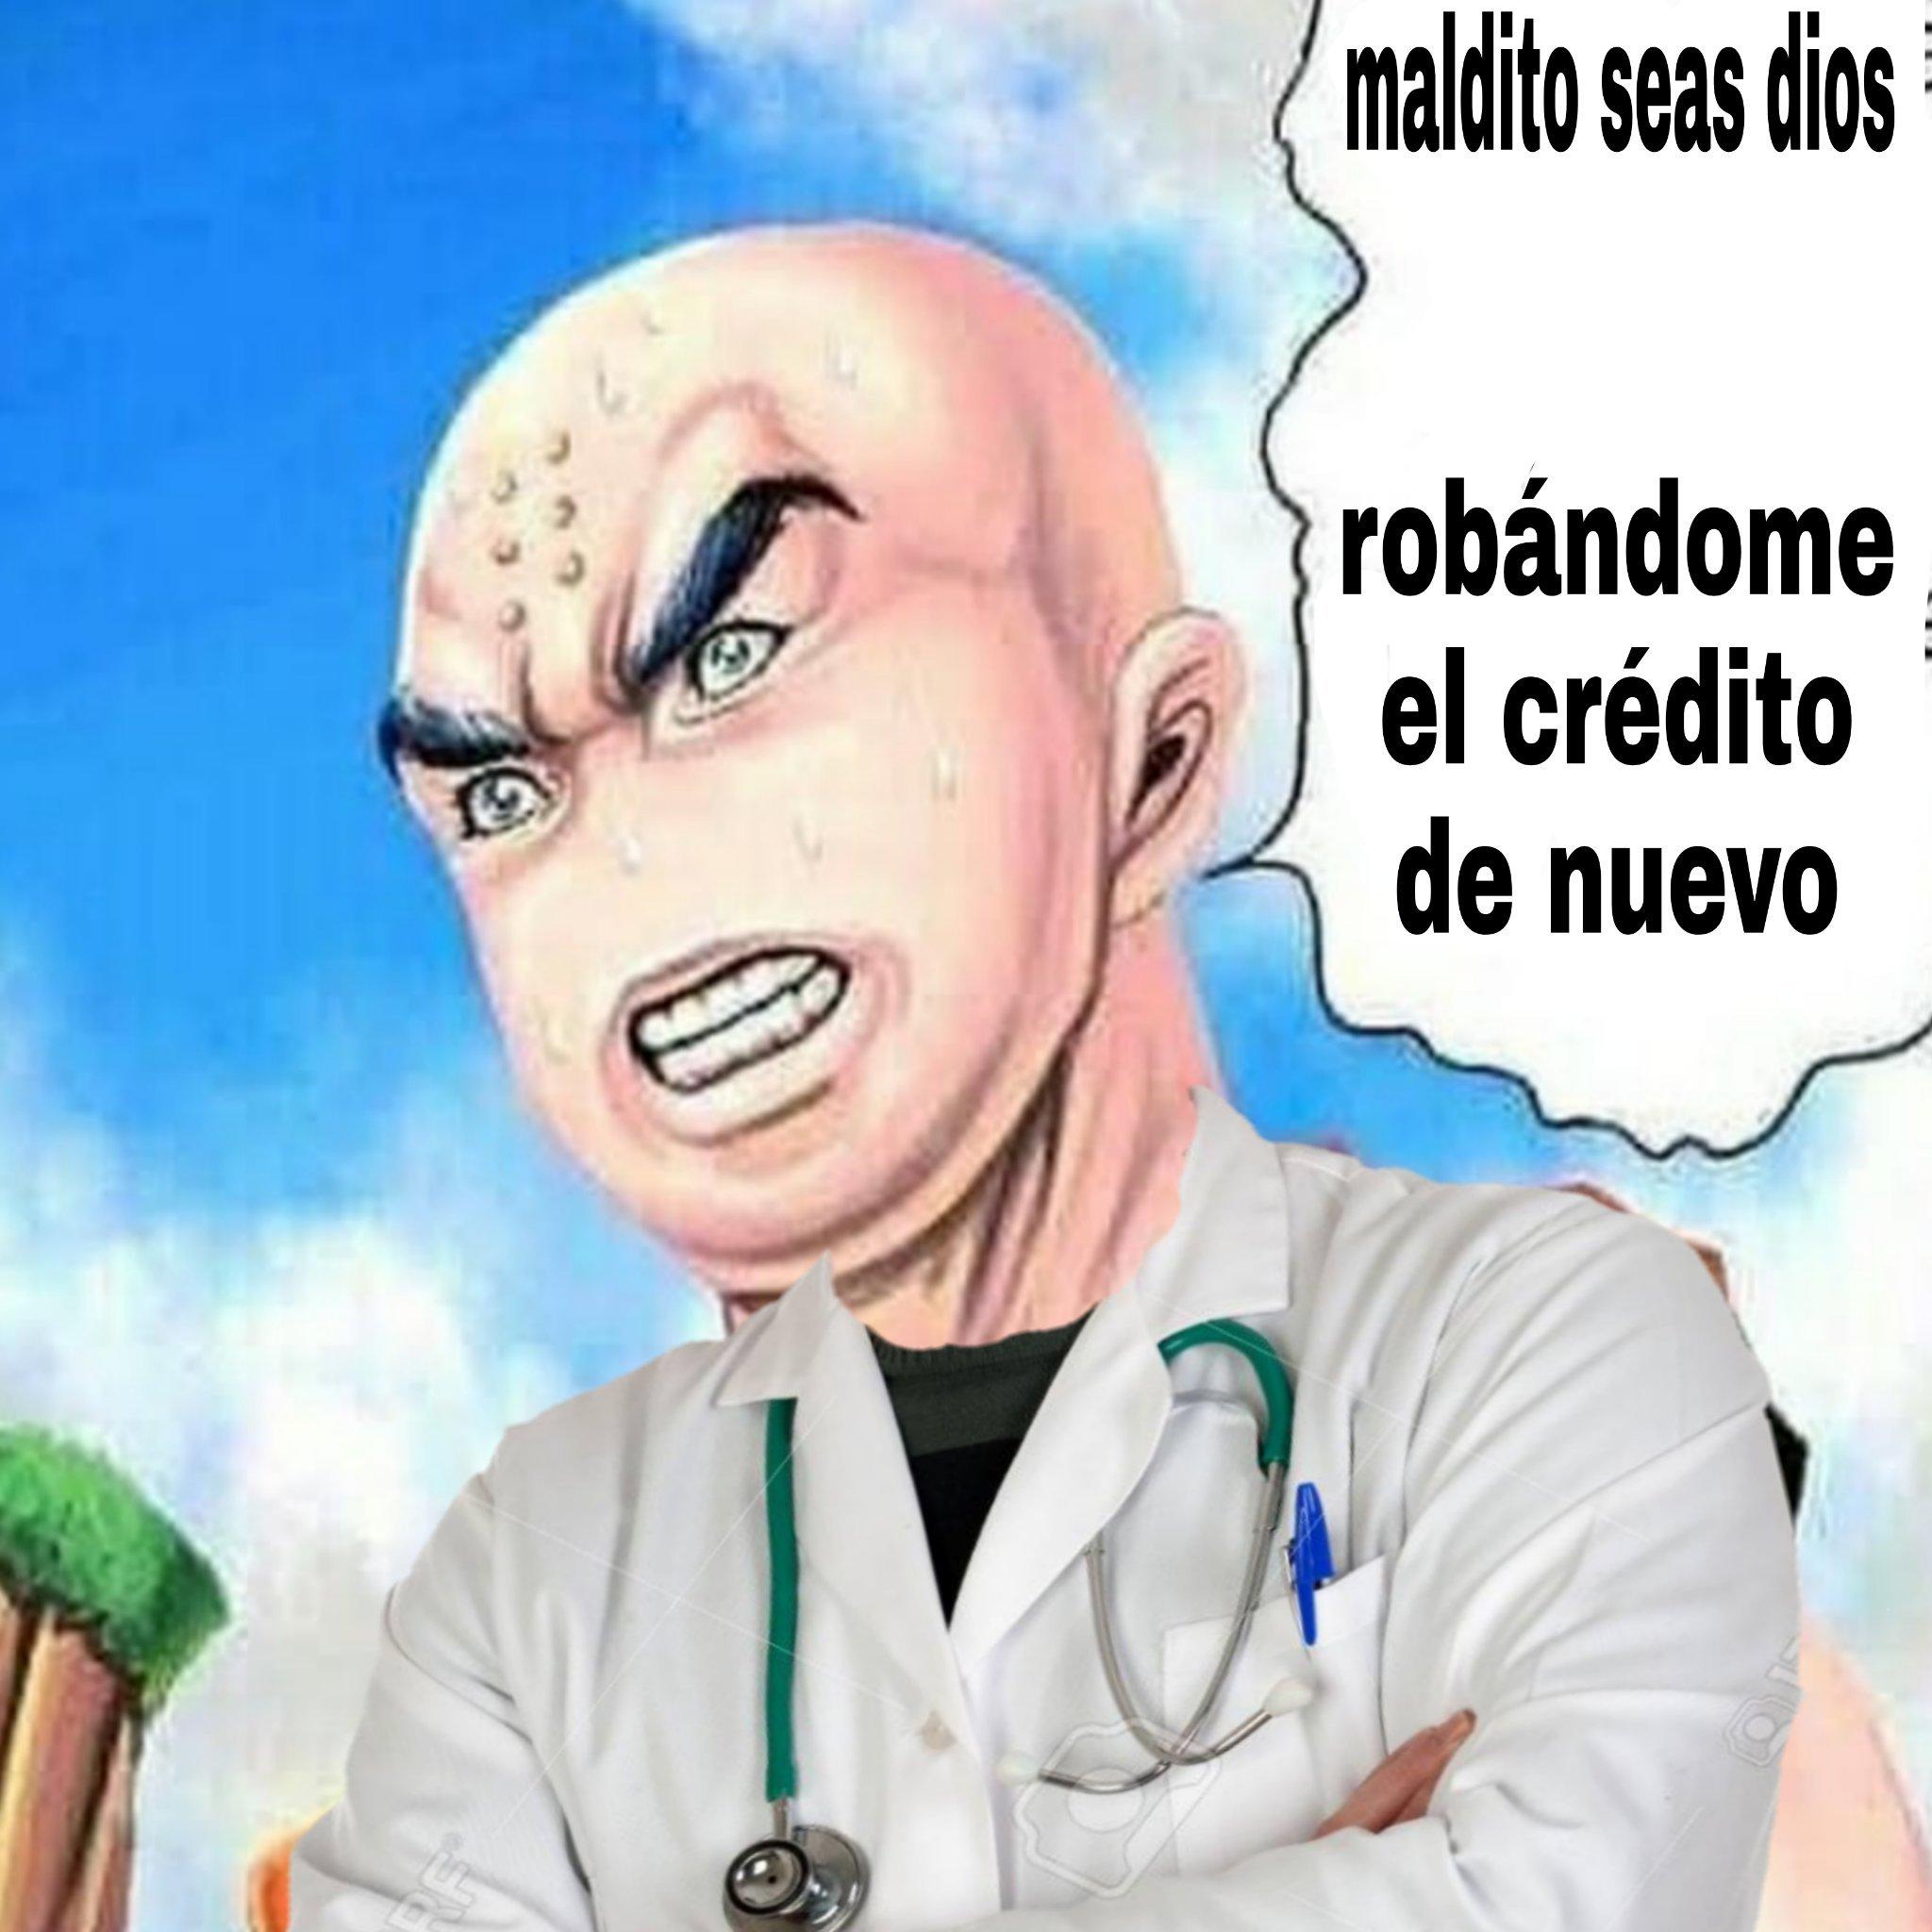 Soy cristiano pero escuche que cuando un doctor le dejo a una señora wue su hijo estaría bien dijo gracias a dios XD - meme